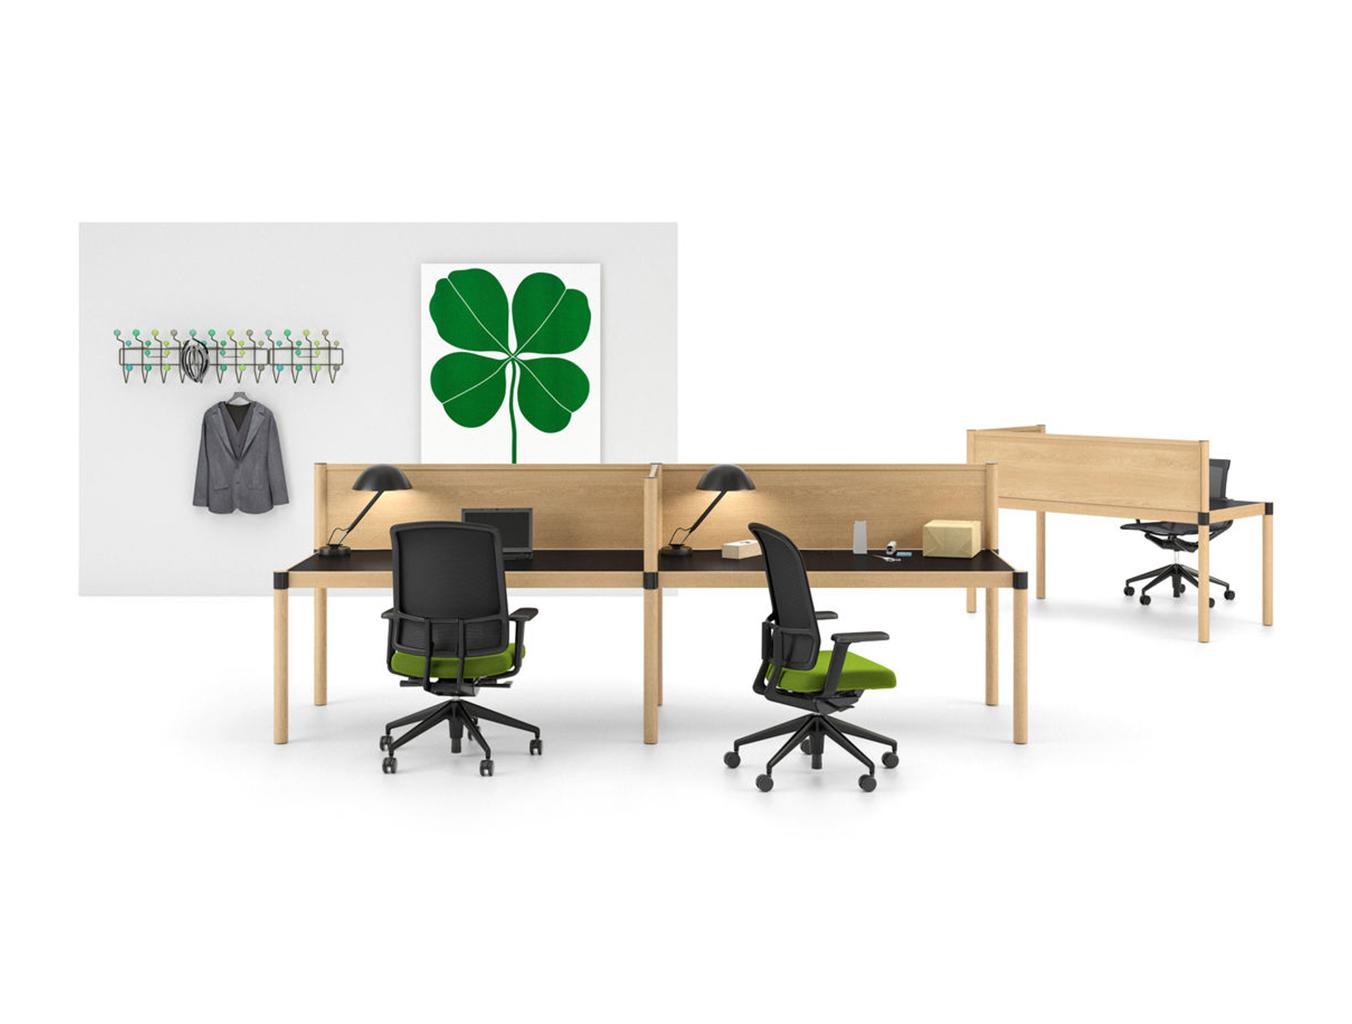 [办公屏风|办公屏风系统|创意家具|现代家居|时尚家具|设计师家具|Cyl 卡位办公台]